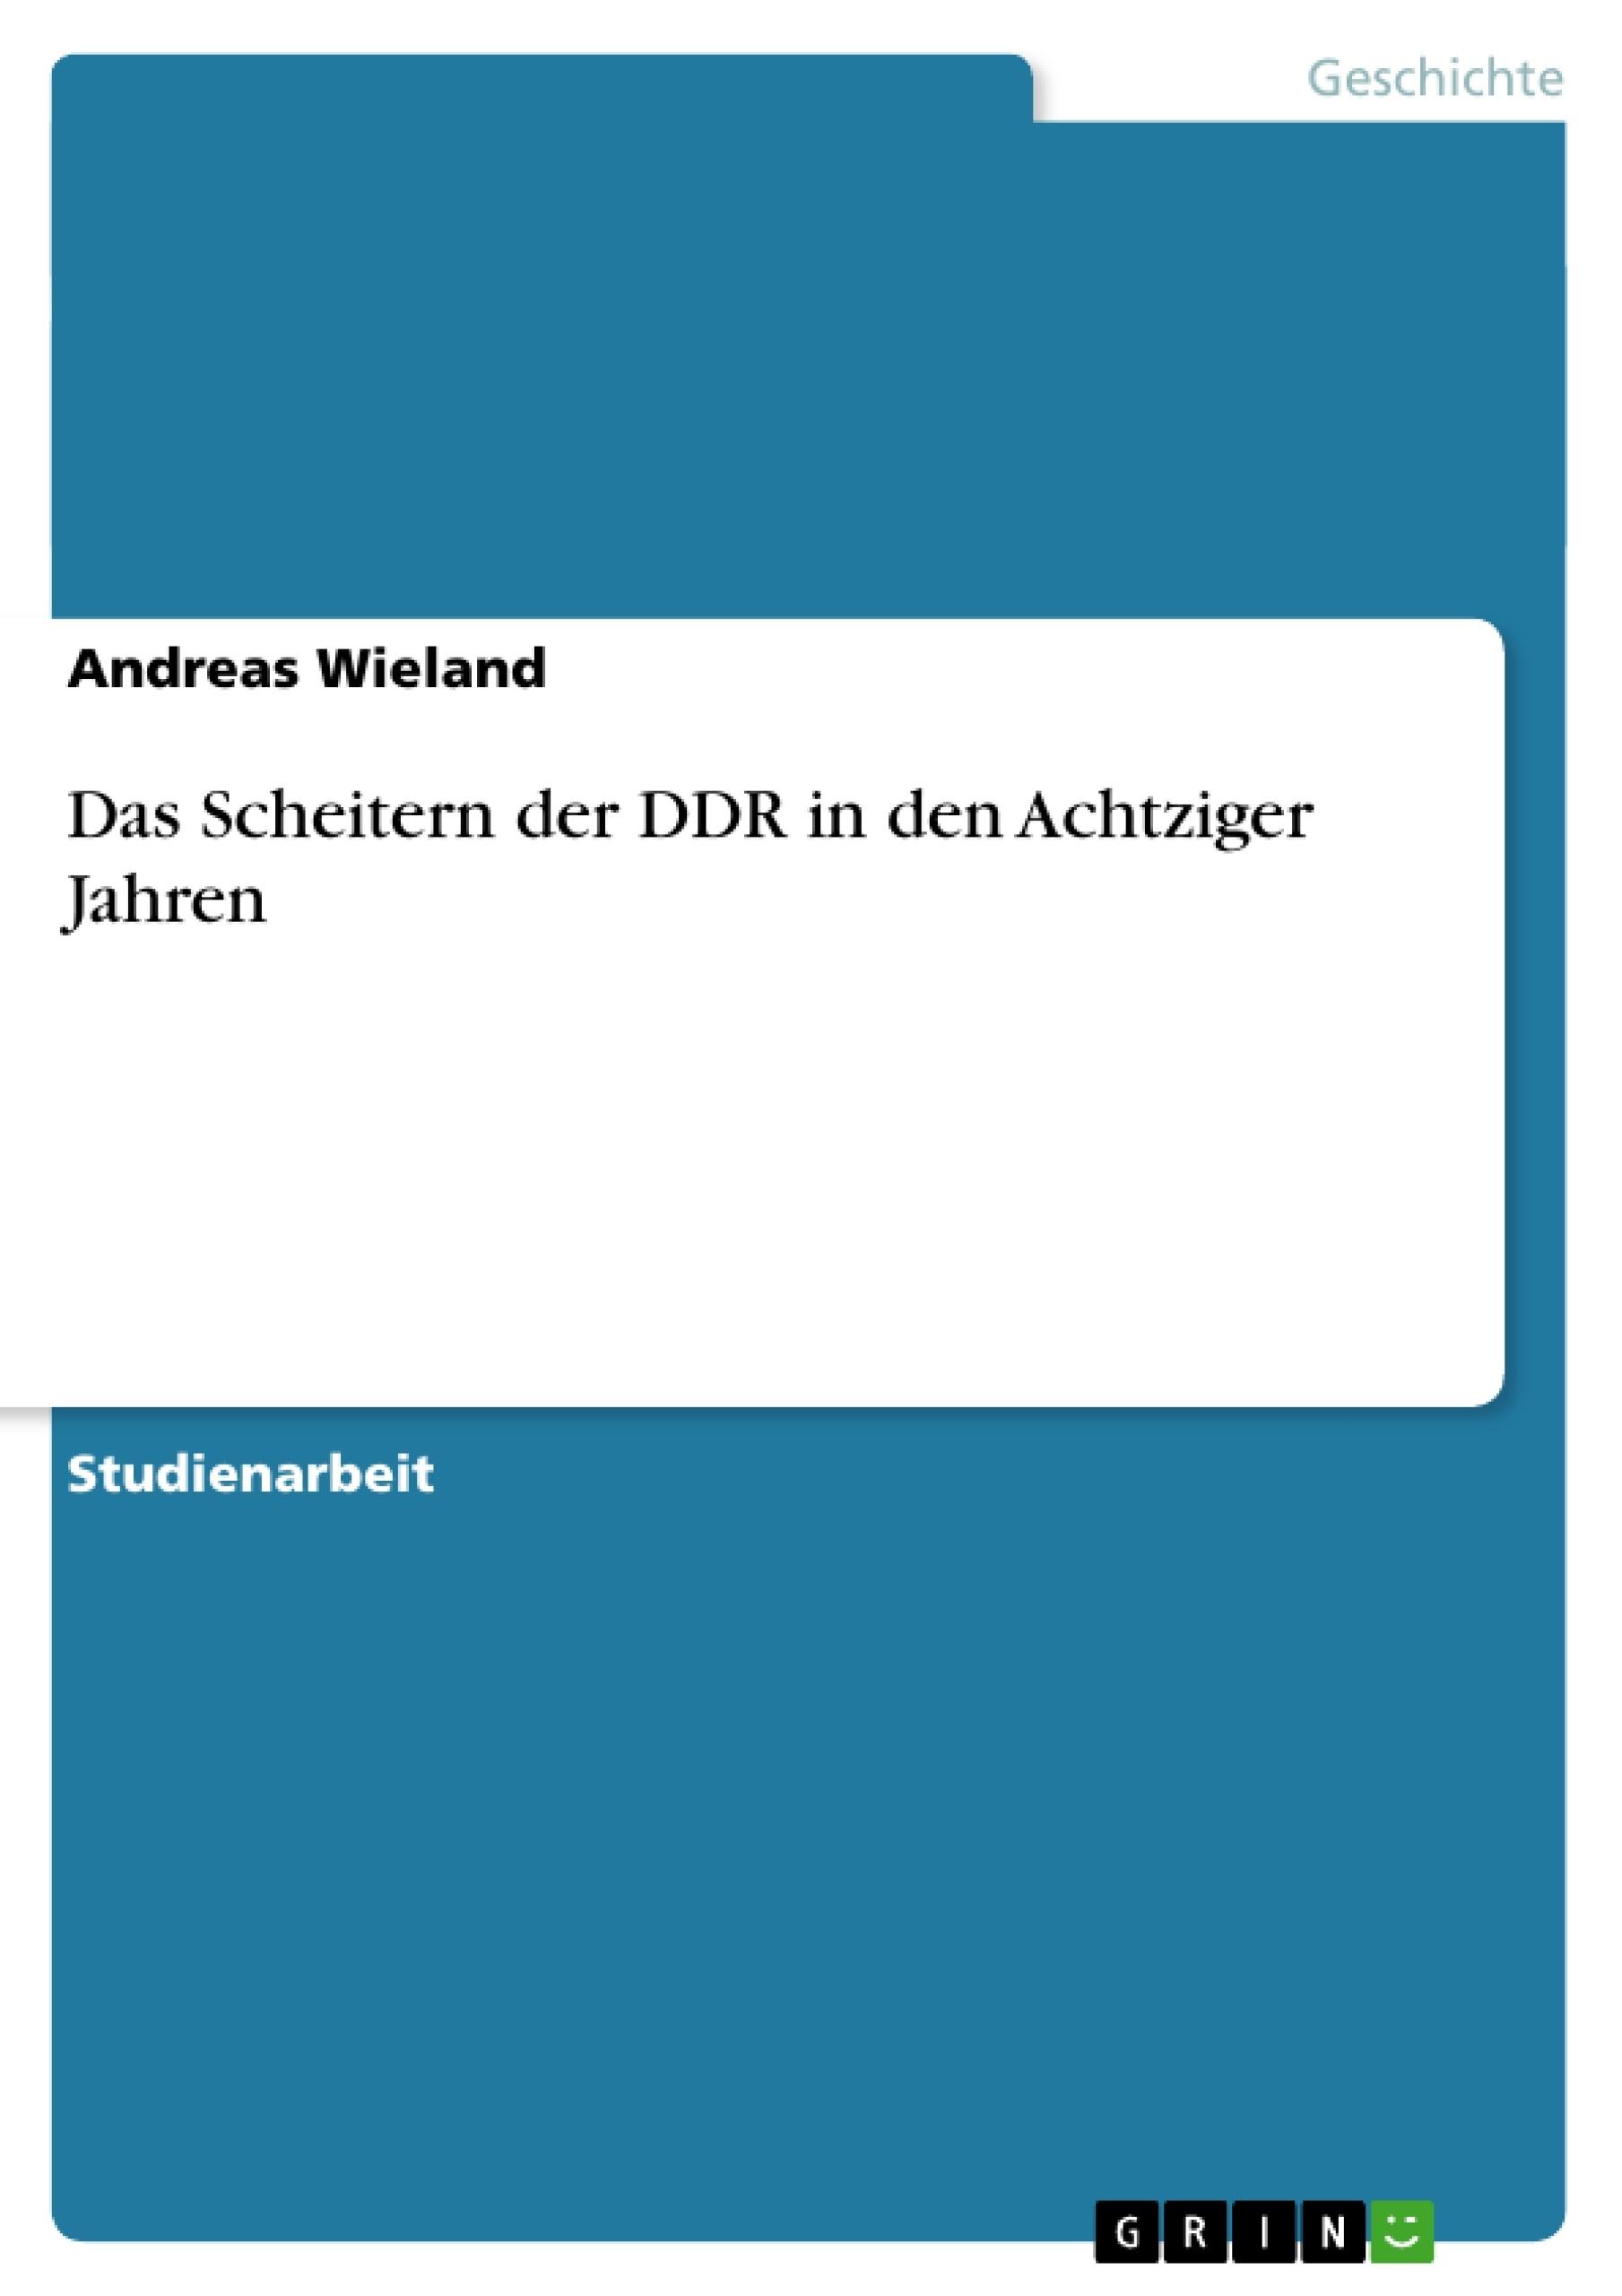 Titel: Das Scheitern der DDR in den Achtziger Jahren